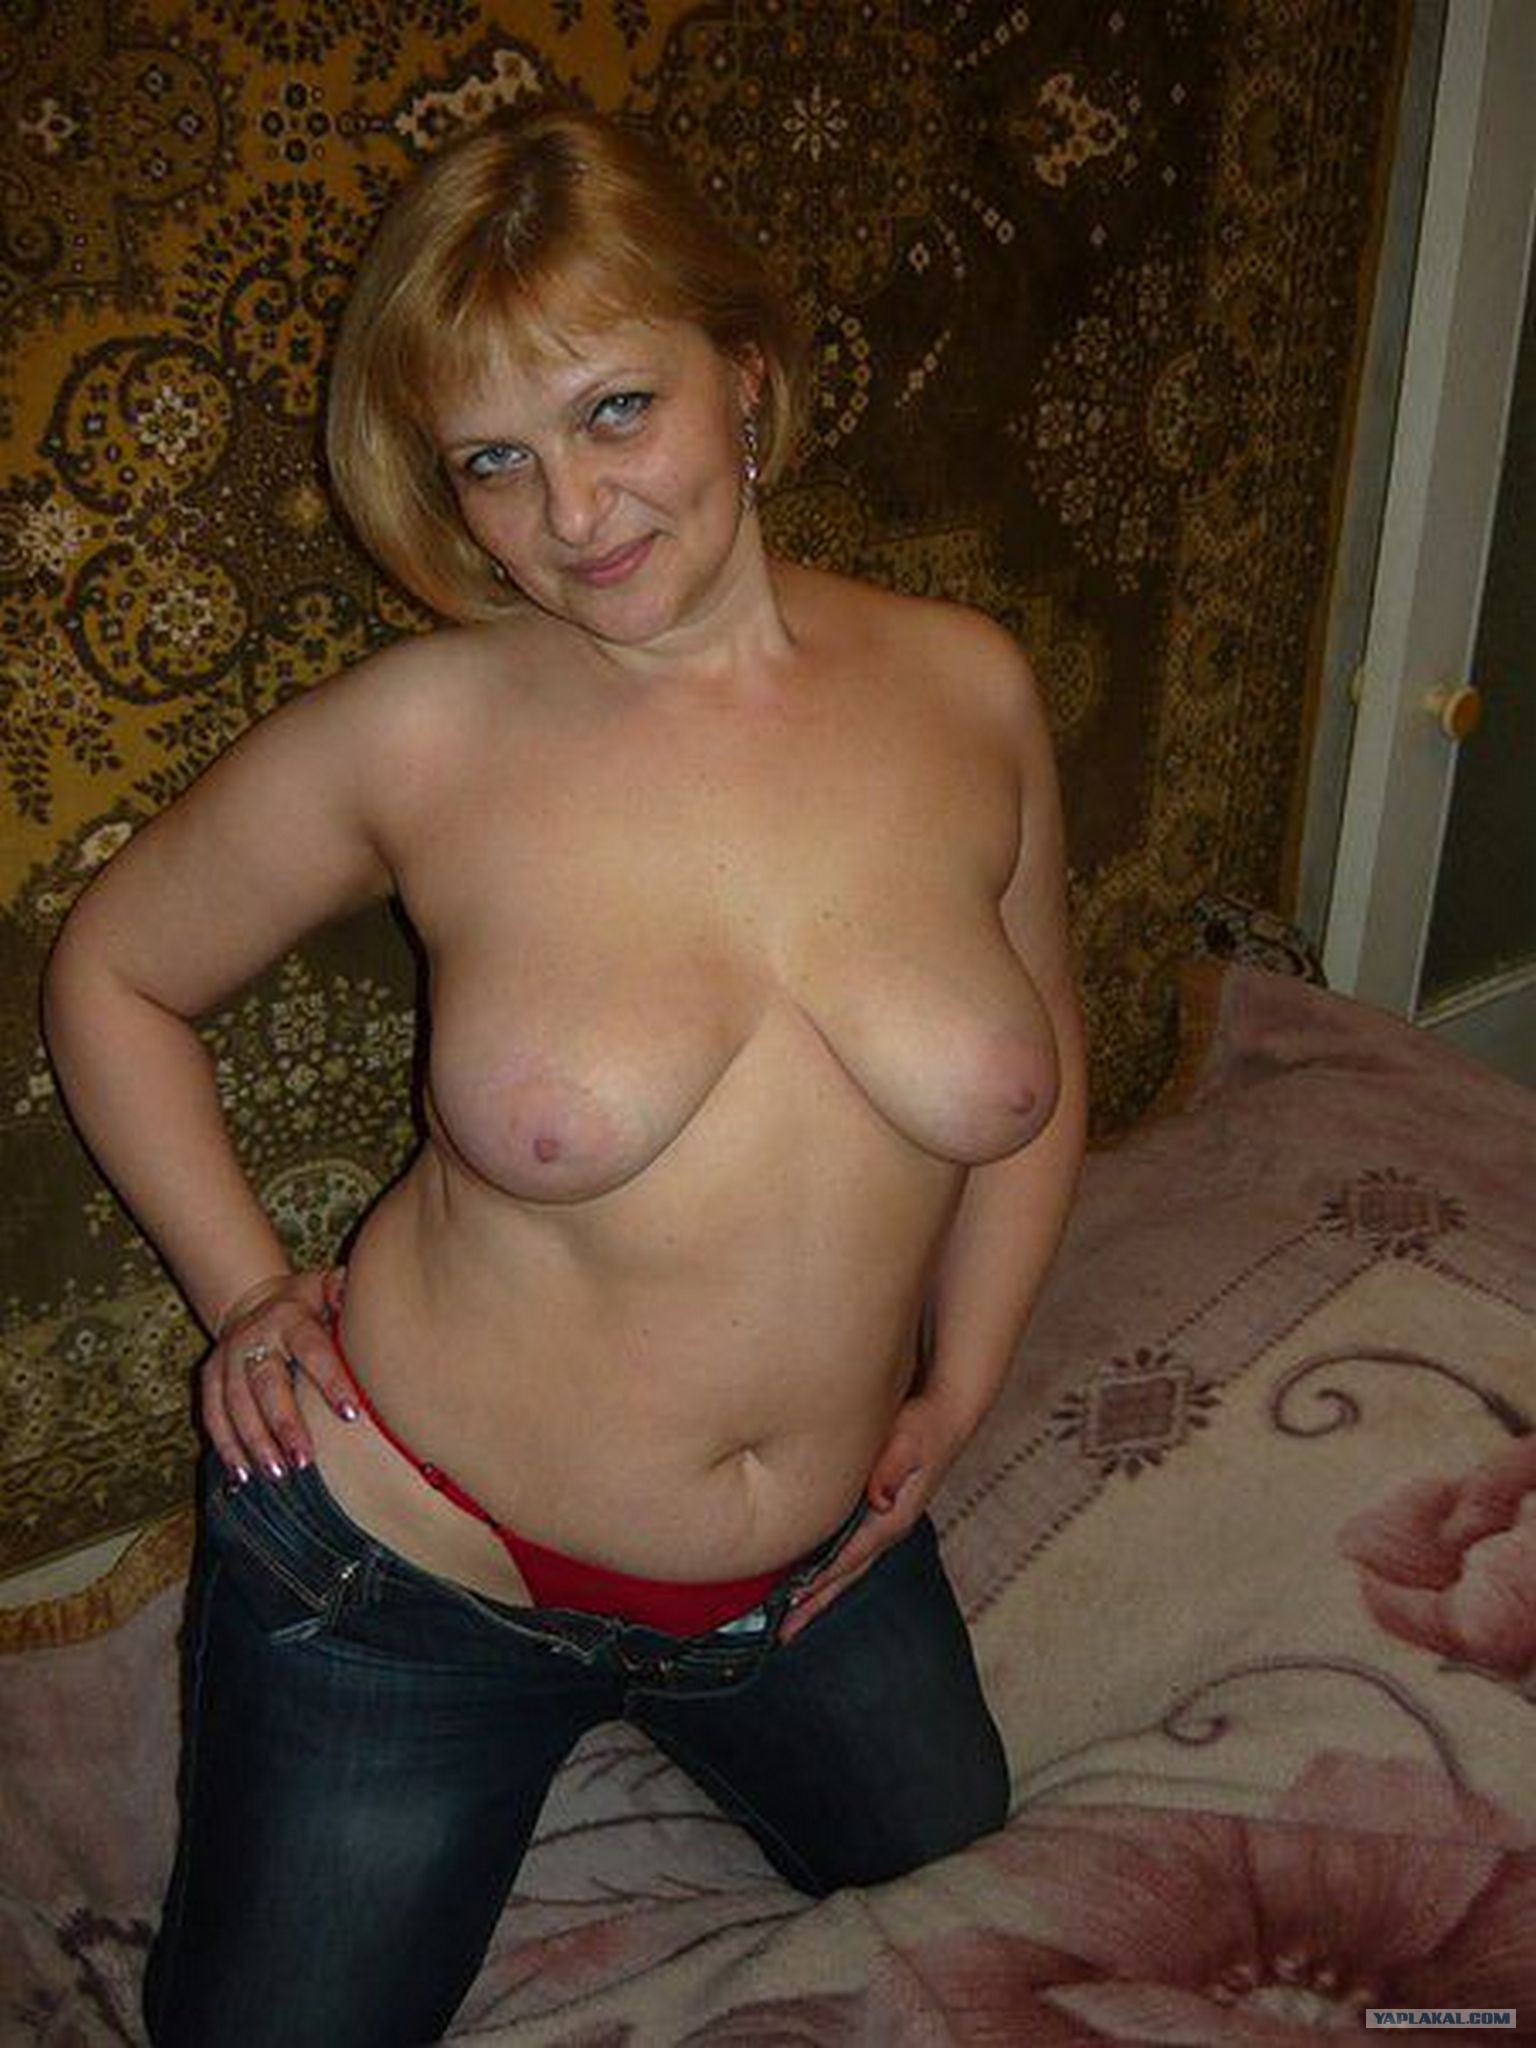 Смотреть фото русских женщин за 40 лет бесплатно 3 фотография